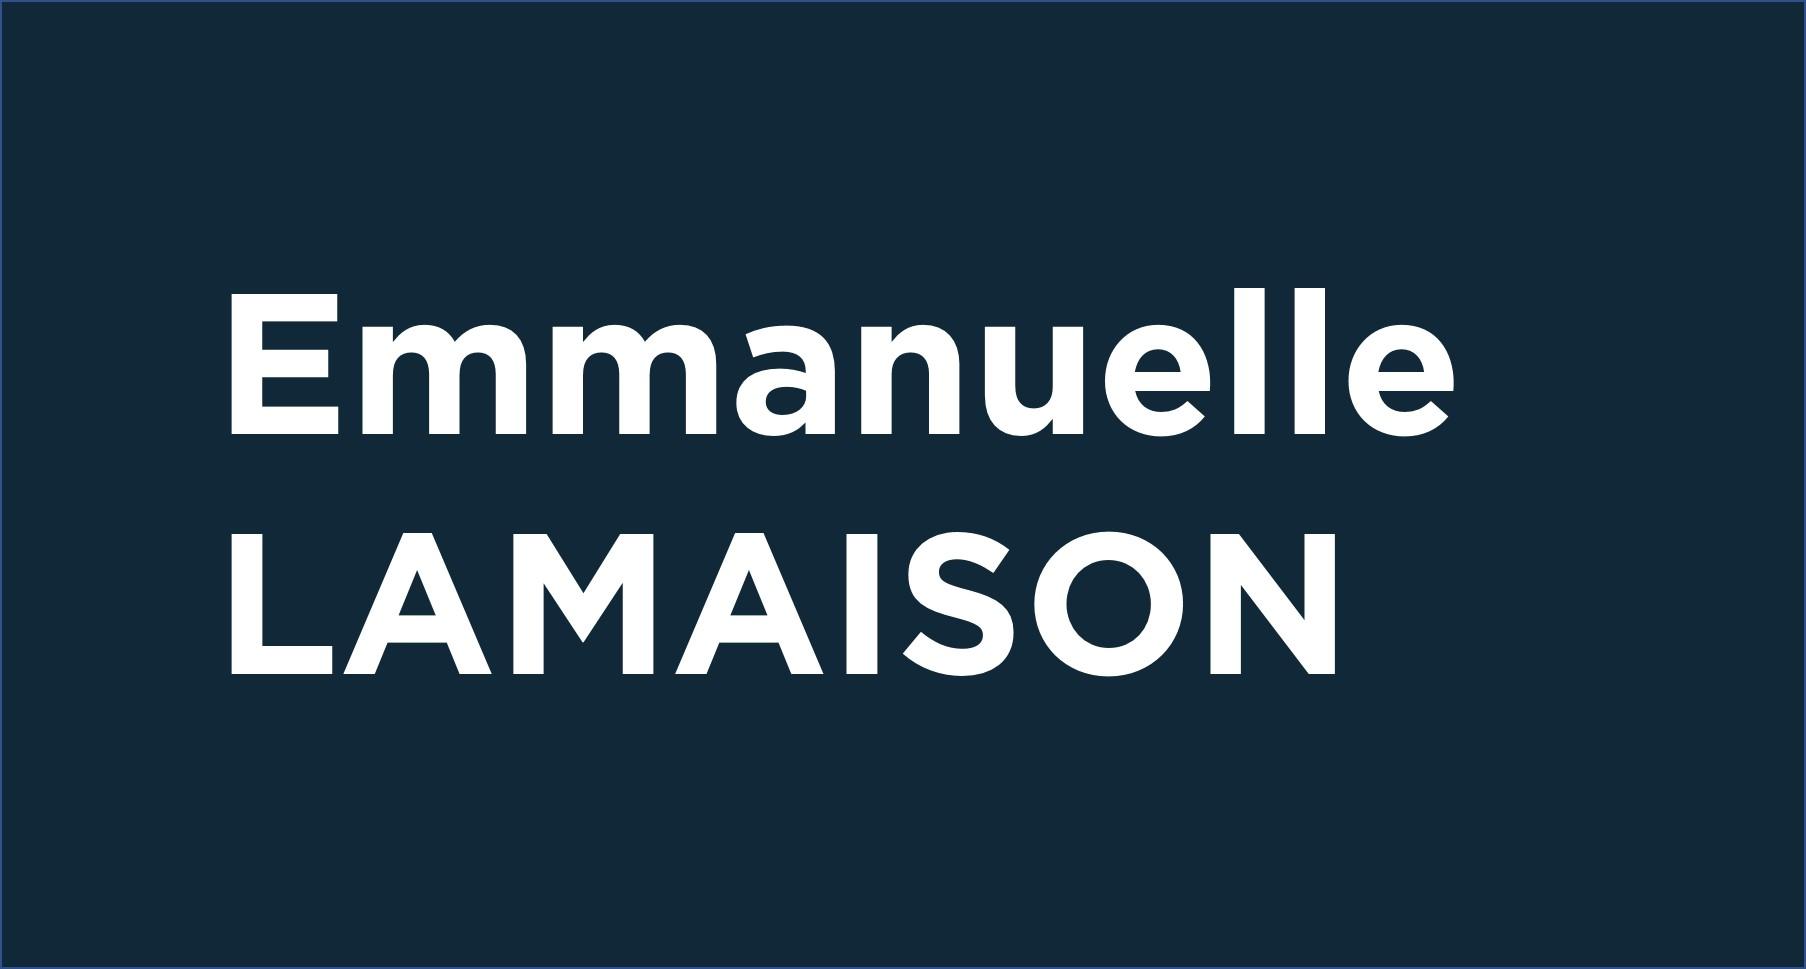 Emmanuelle Lamaison